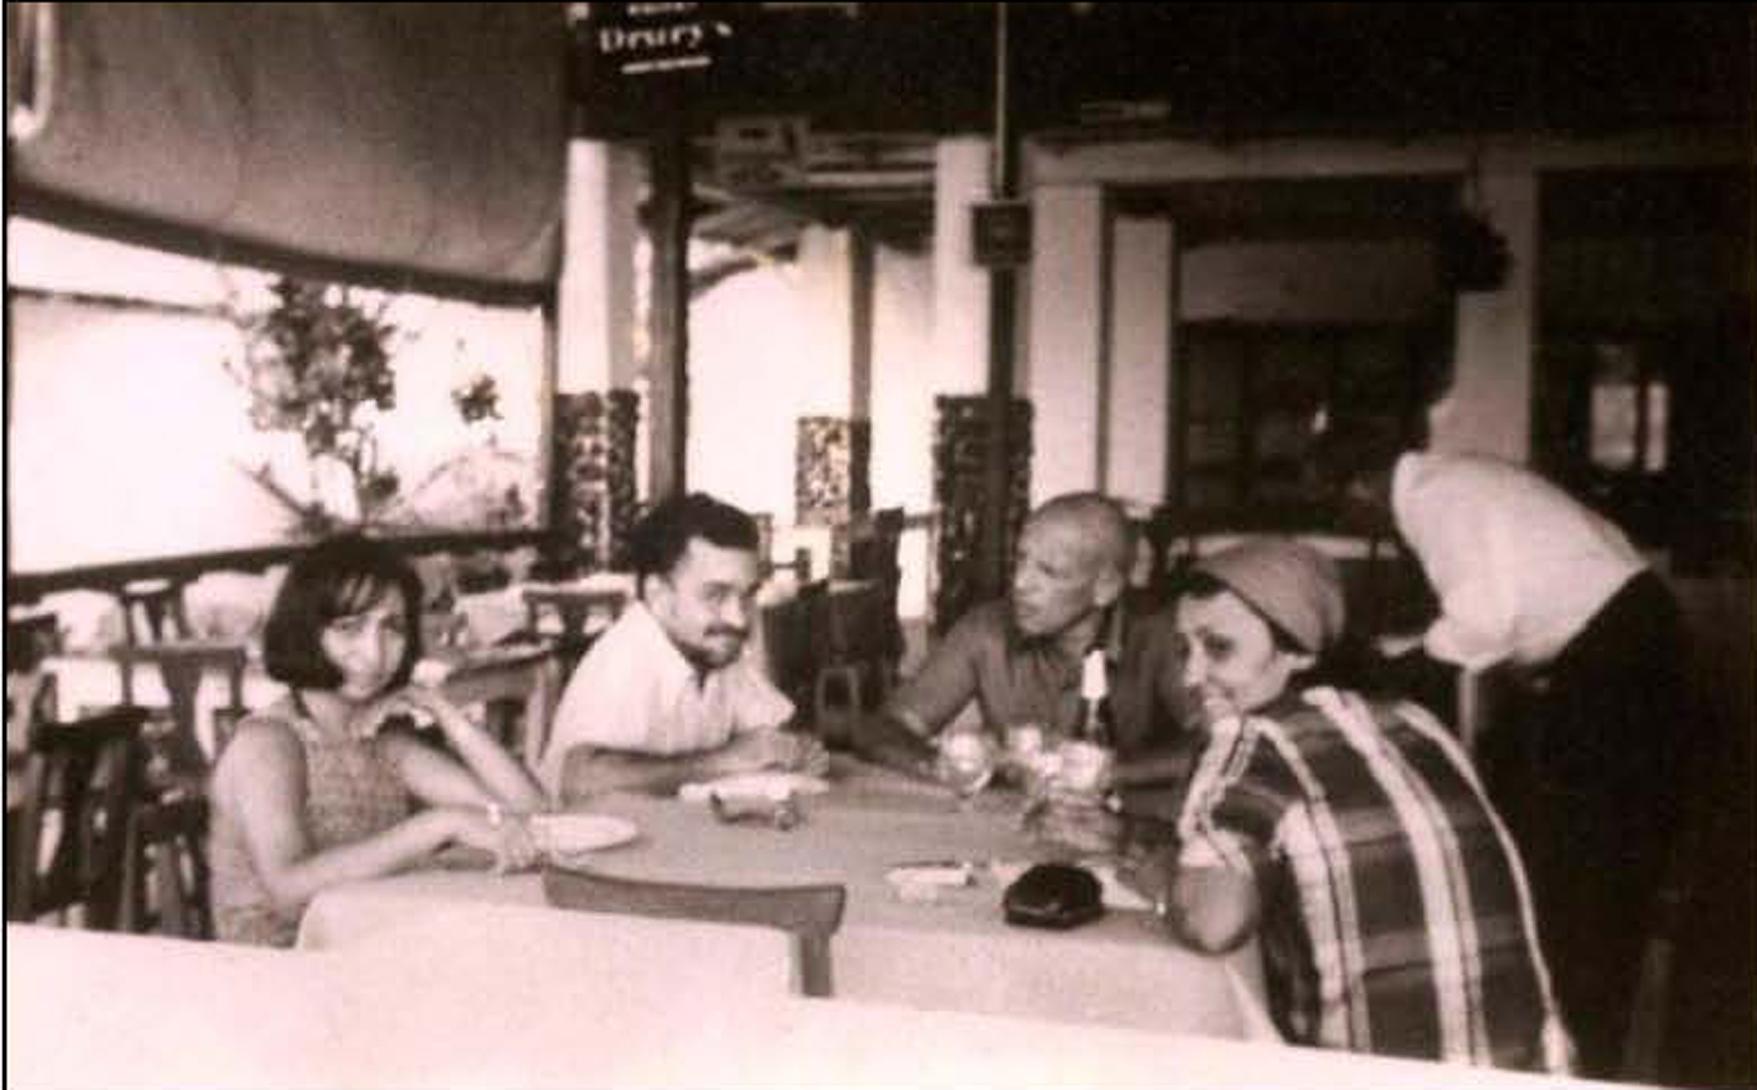 Foto Visita de Michel Foucault à Belém em 1975 -  Maria Sylvia e Benedito Nunes, Michel Foucault e Edna Castro, durante almoço.